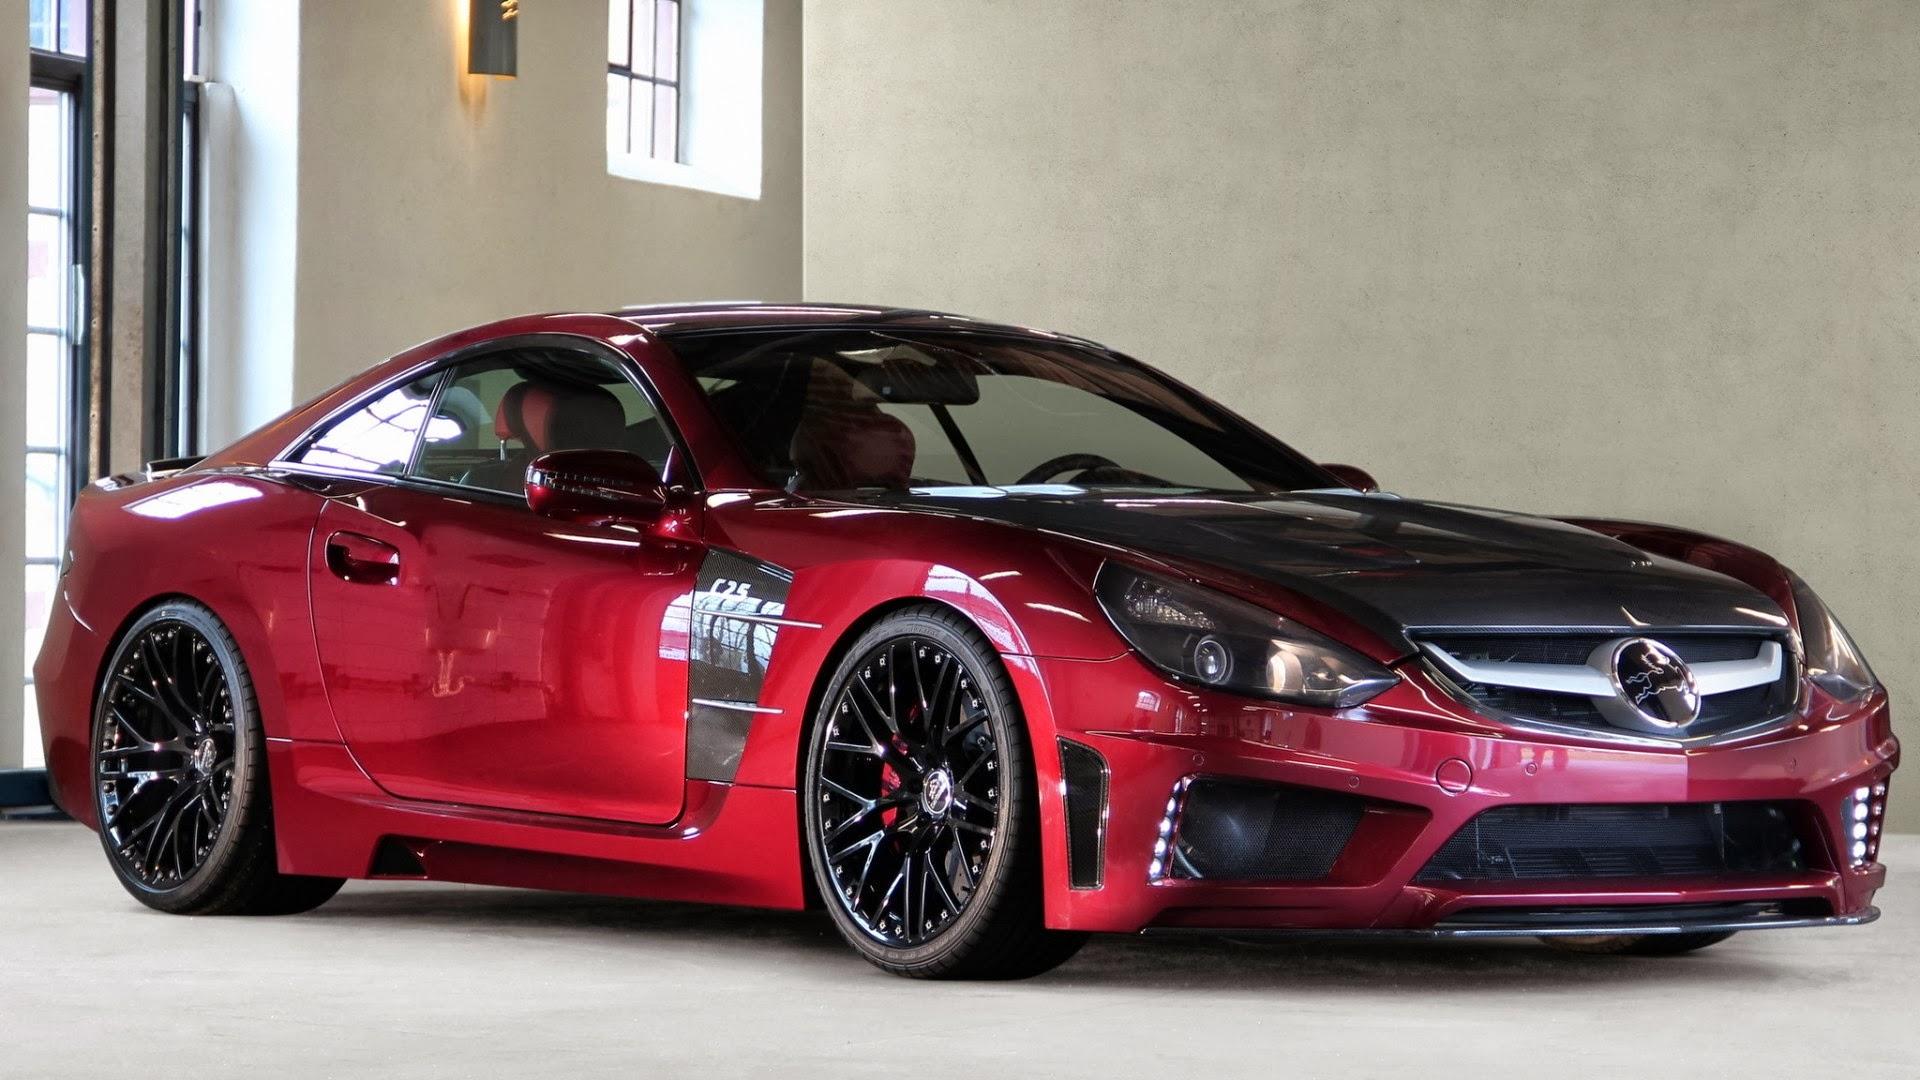 MercedesBenz Carlsson C25 Super GT  Fondos de Pantalla HD  Wallpapers HD